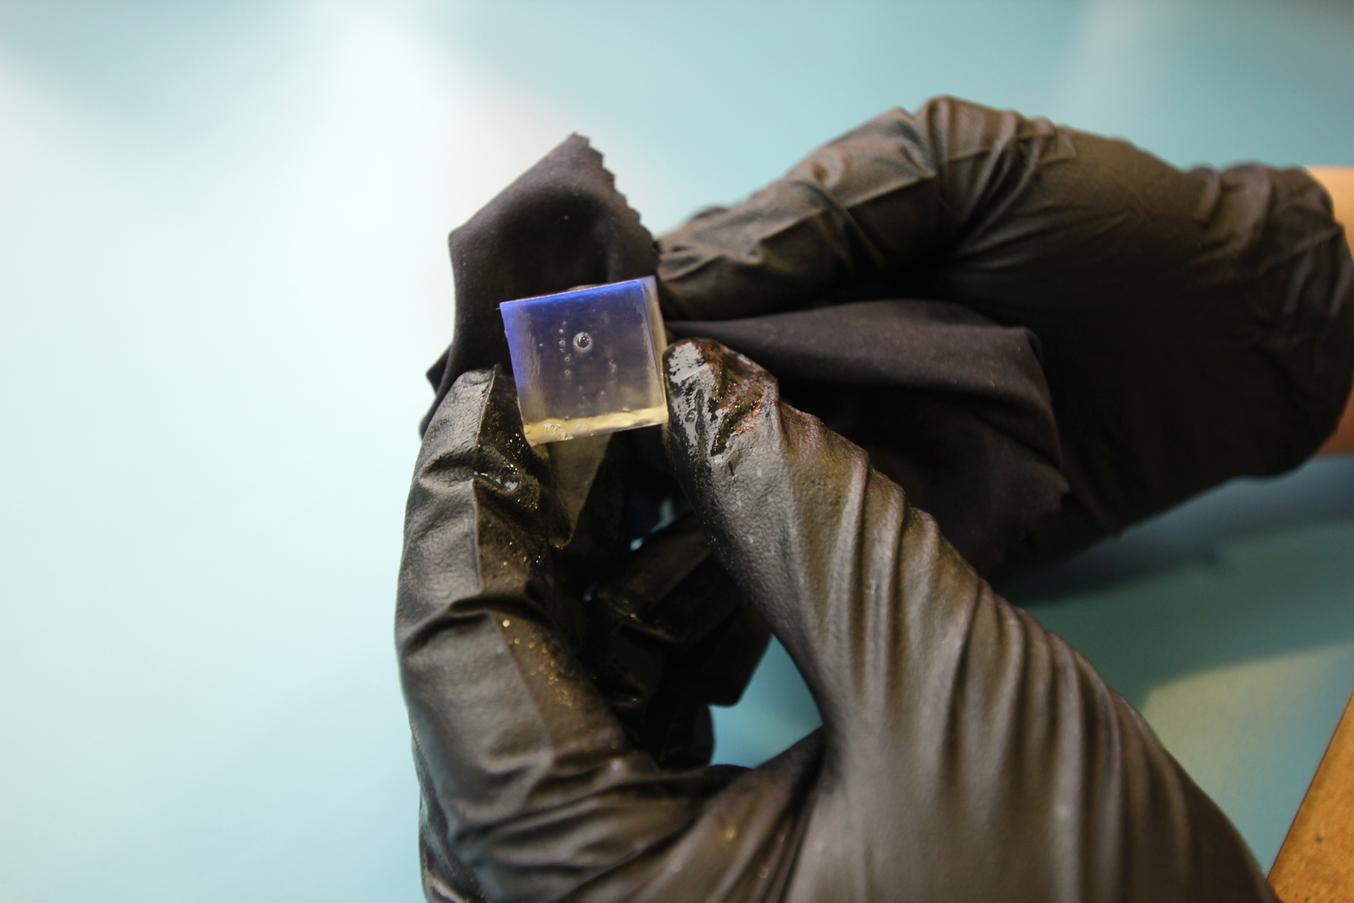 Zum Schleifen platziert das Team Schleifpapier auf einem Korkbrett mit etwas Spiel und bewegt die Linse in einem zufälligen Muster darüber, um Schleifspuren auf der Oberfläche zu vermeiden.